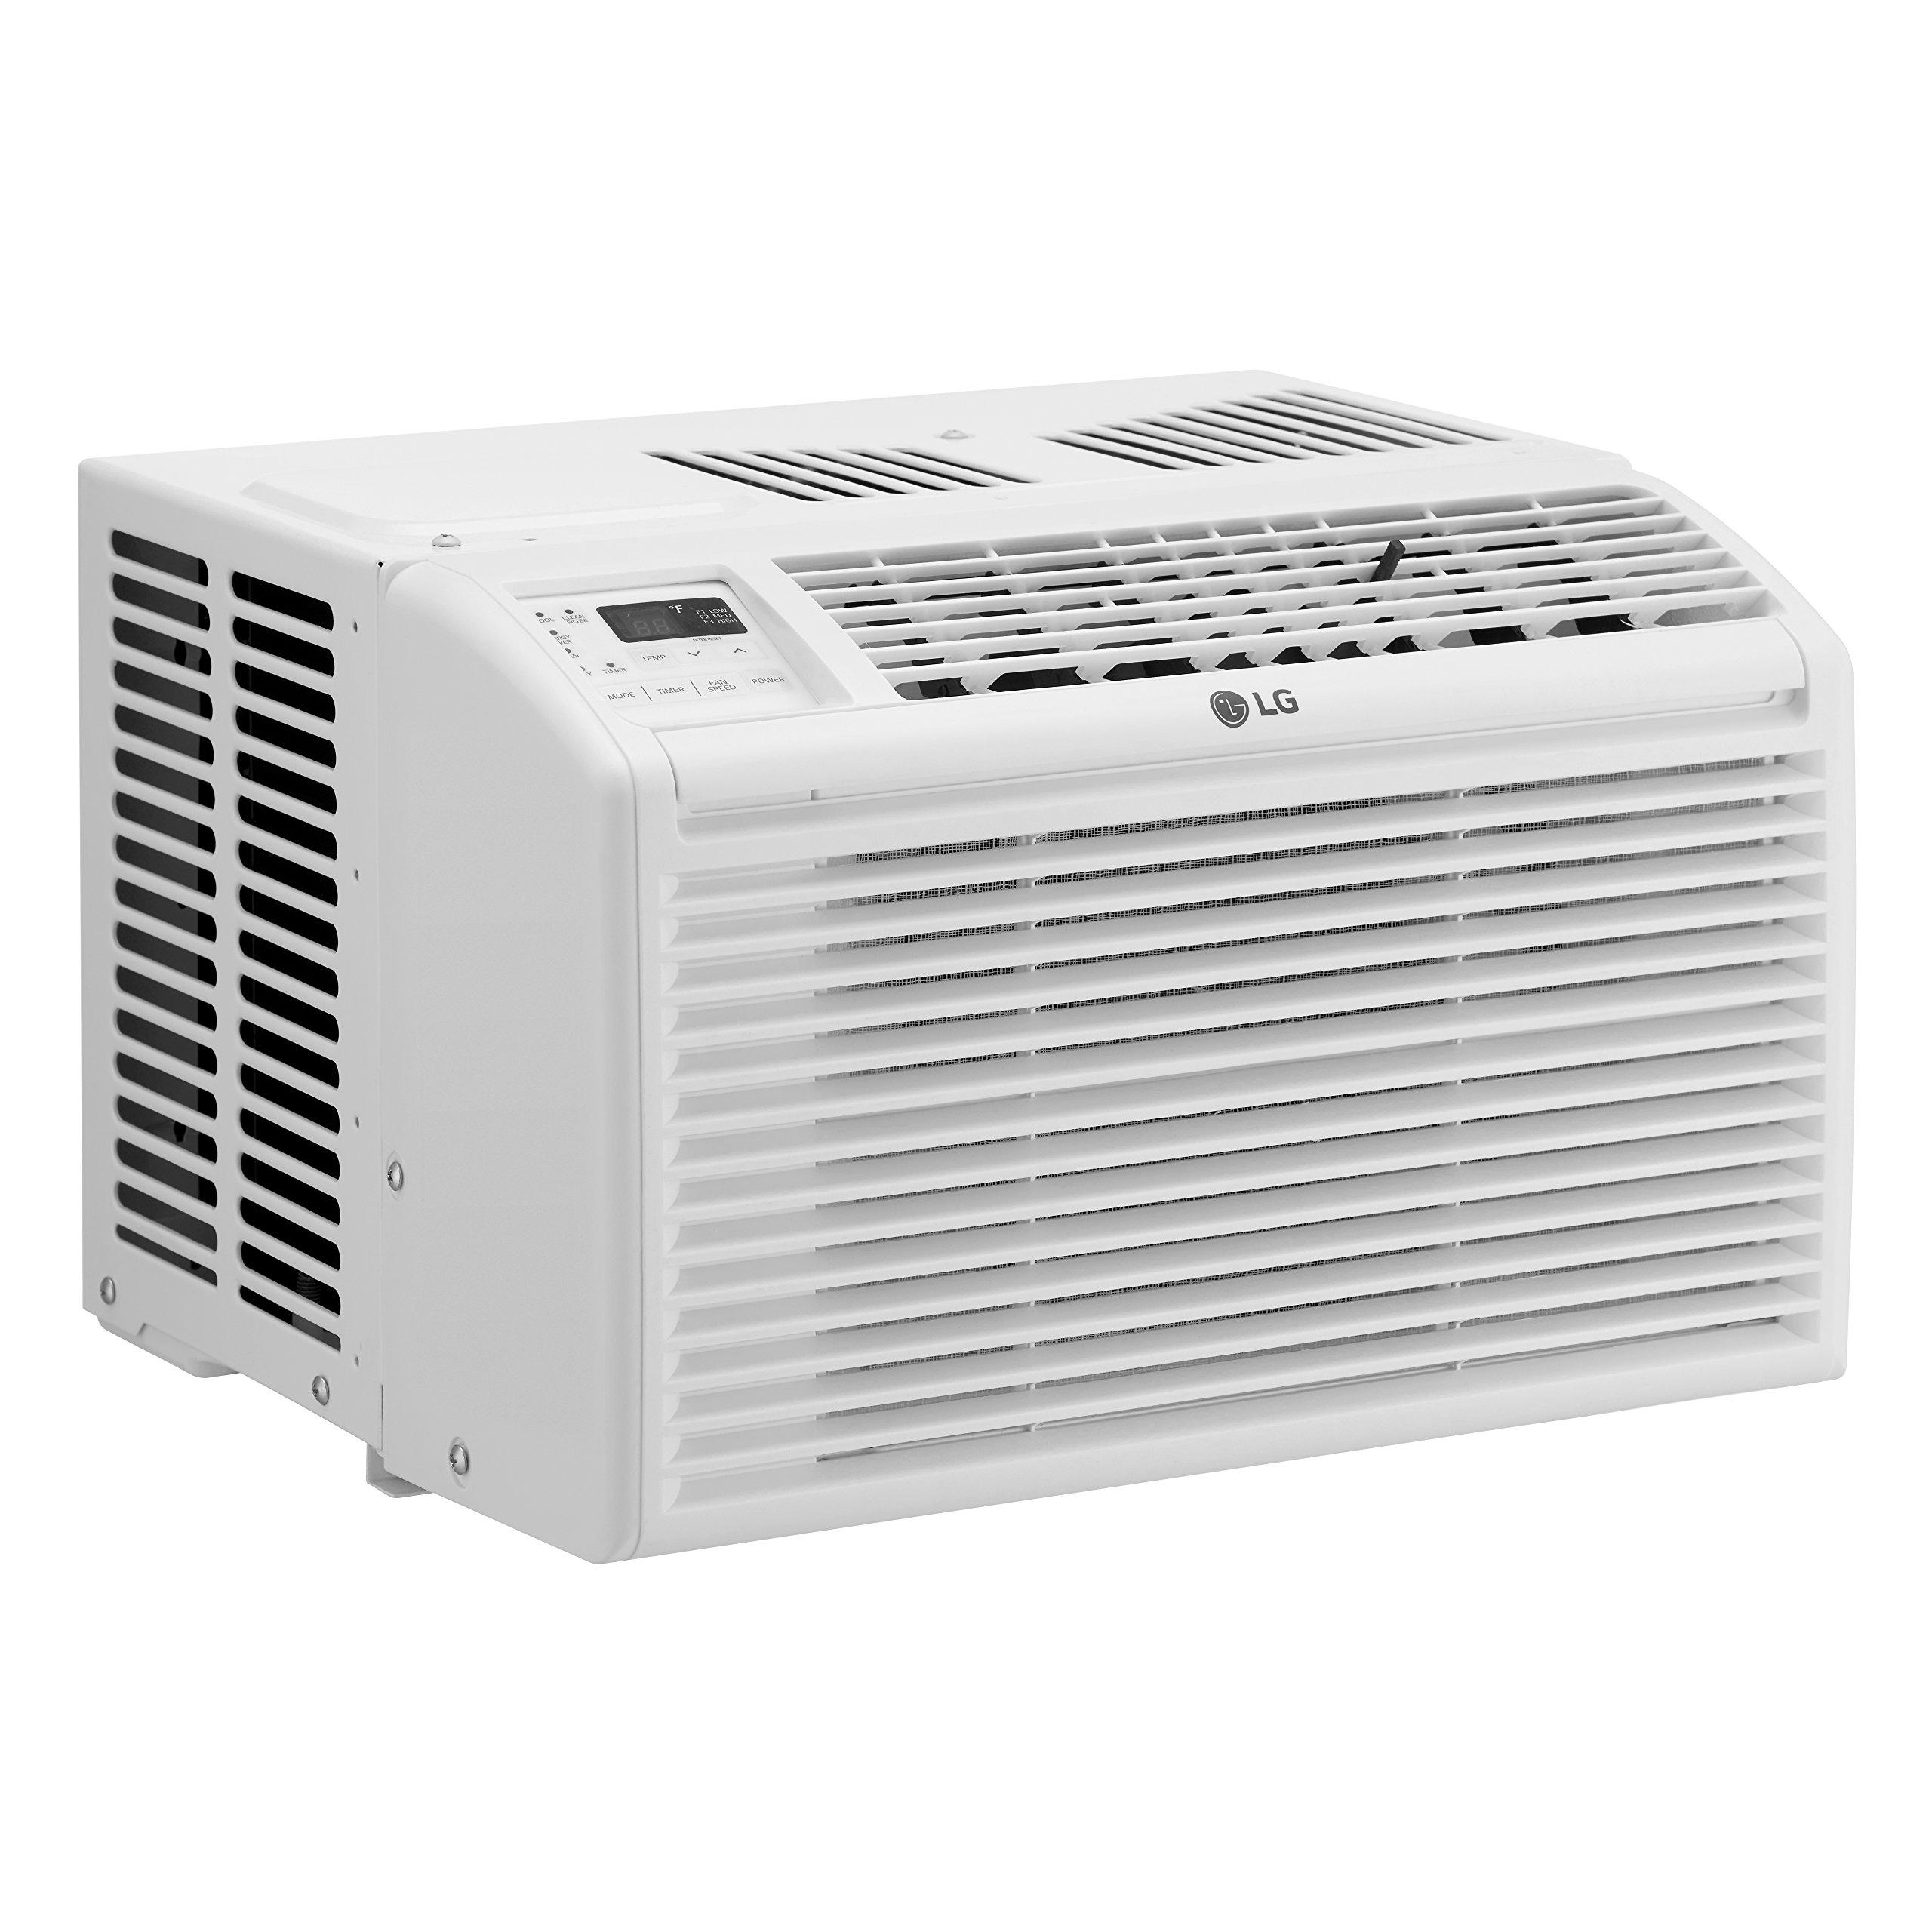 LG LW6017R 6,000 BTU 115V Window Air Conditioner by LG (Image #3)